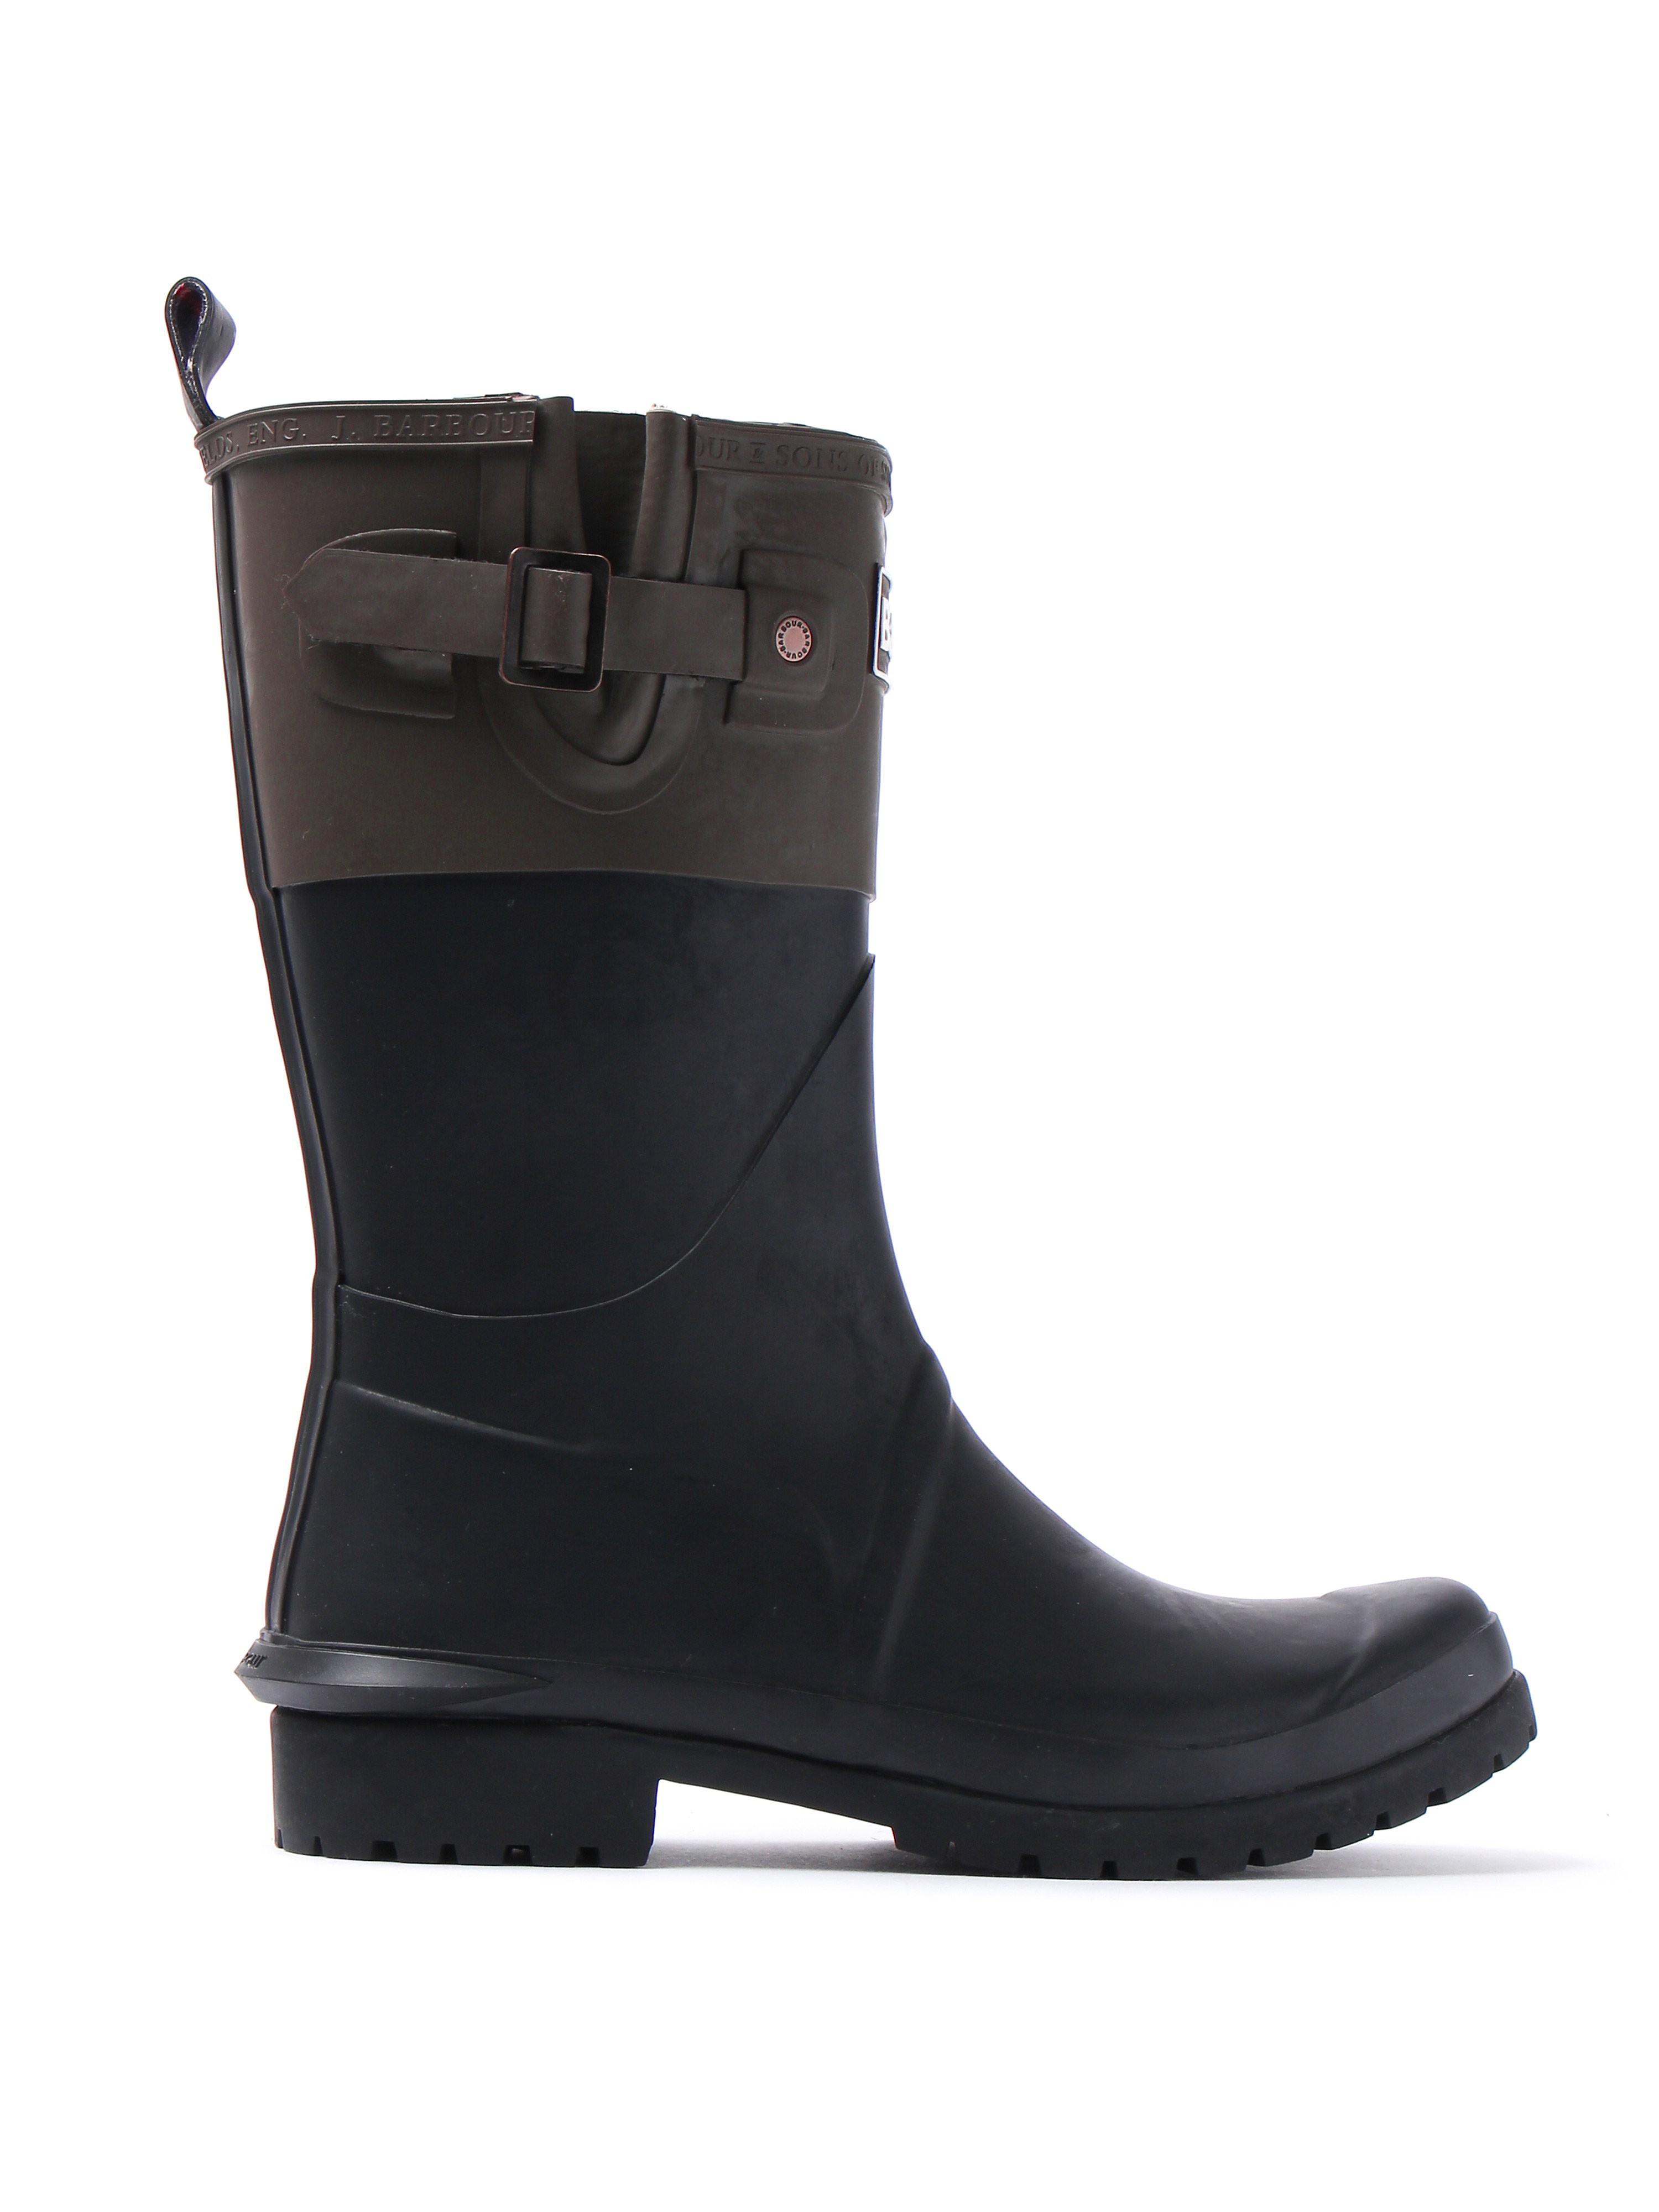 Barbour Women's Short Colour Block Rubber Wellington Boots - Black & Olive